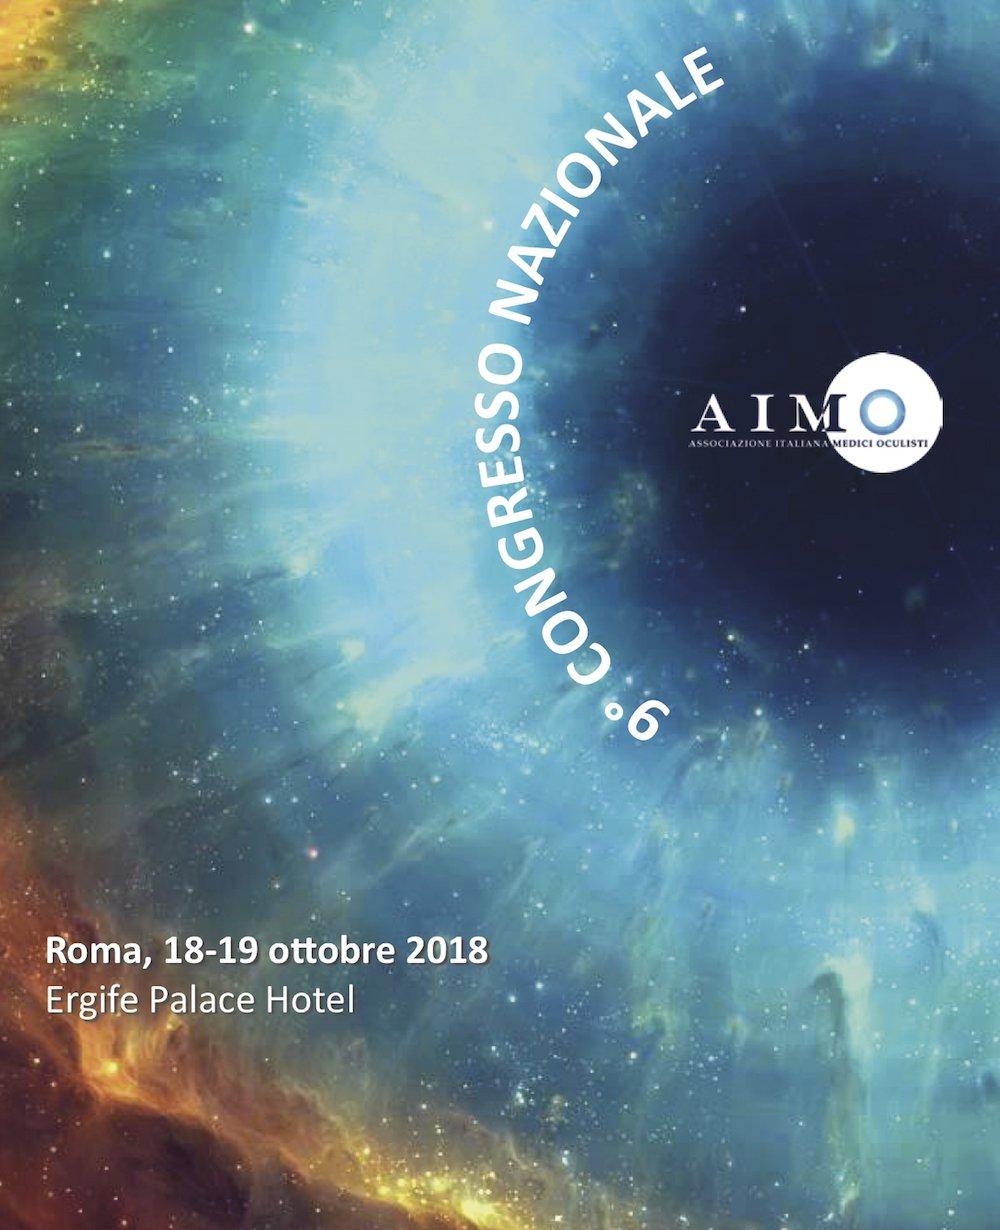 9° Congresso Nazionale A.I.M.O. | 18.10.18 | Roma